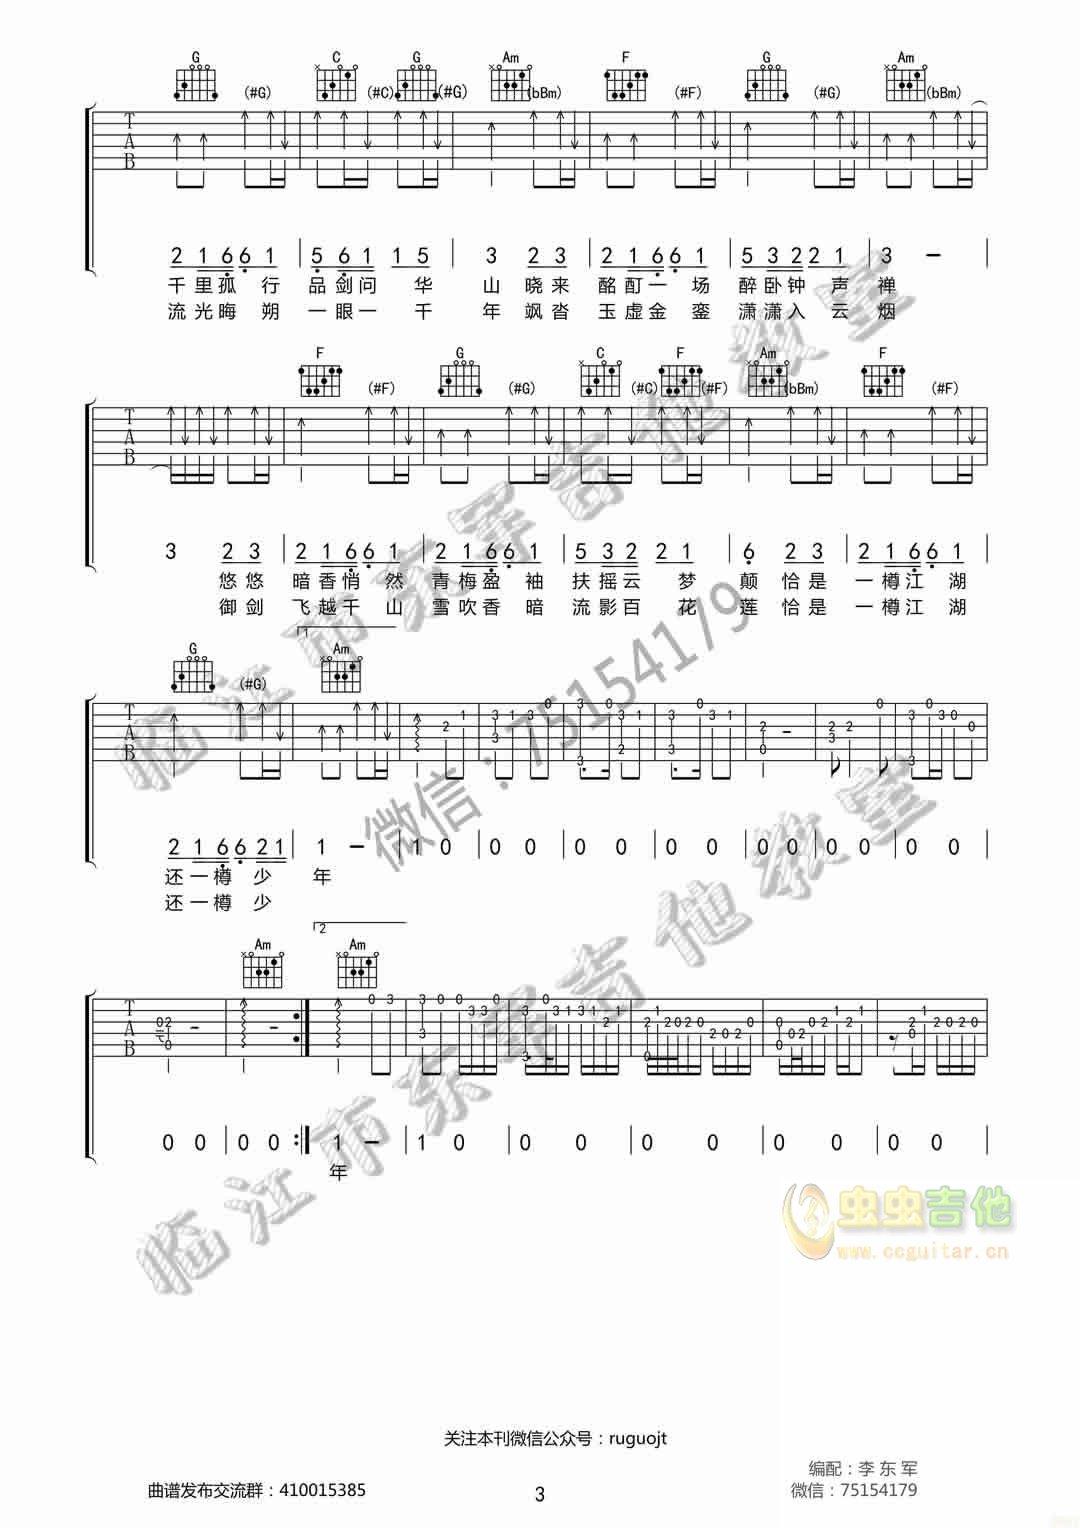 馬步謠-雙笙-图片吉他谱-3